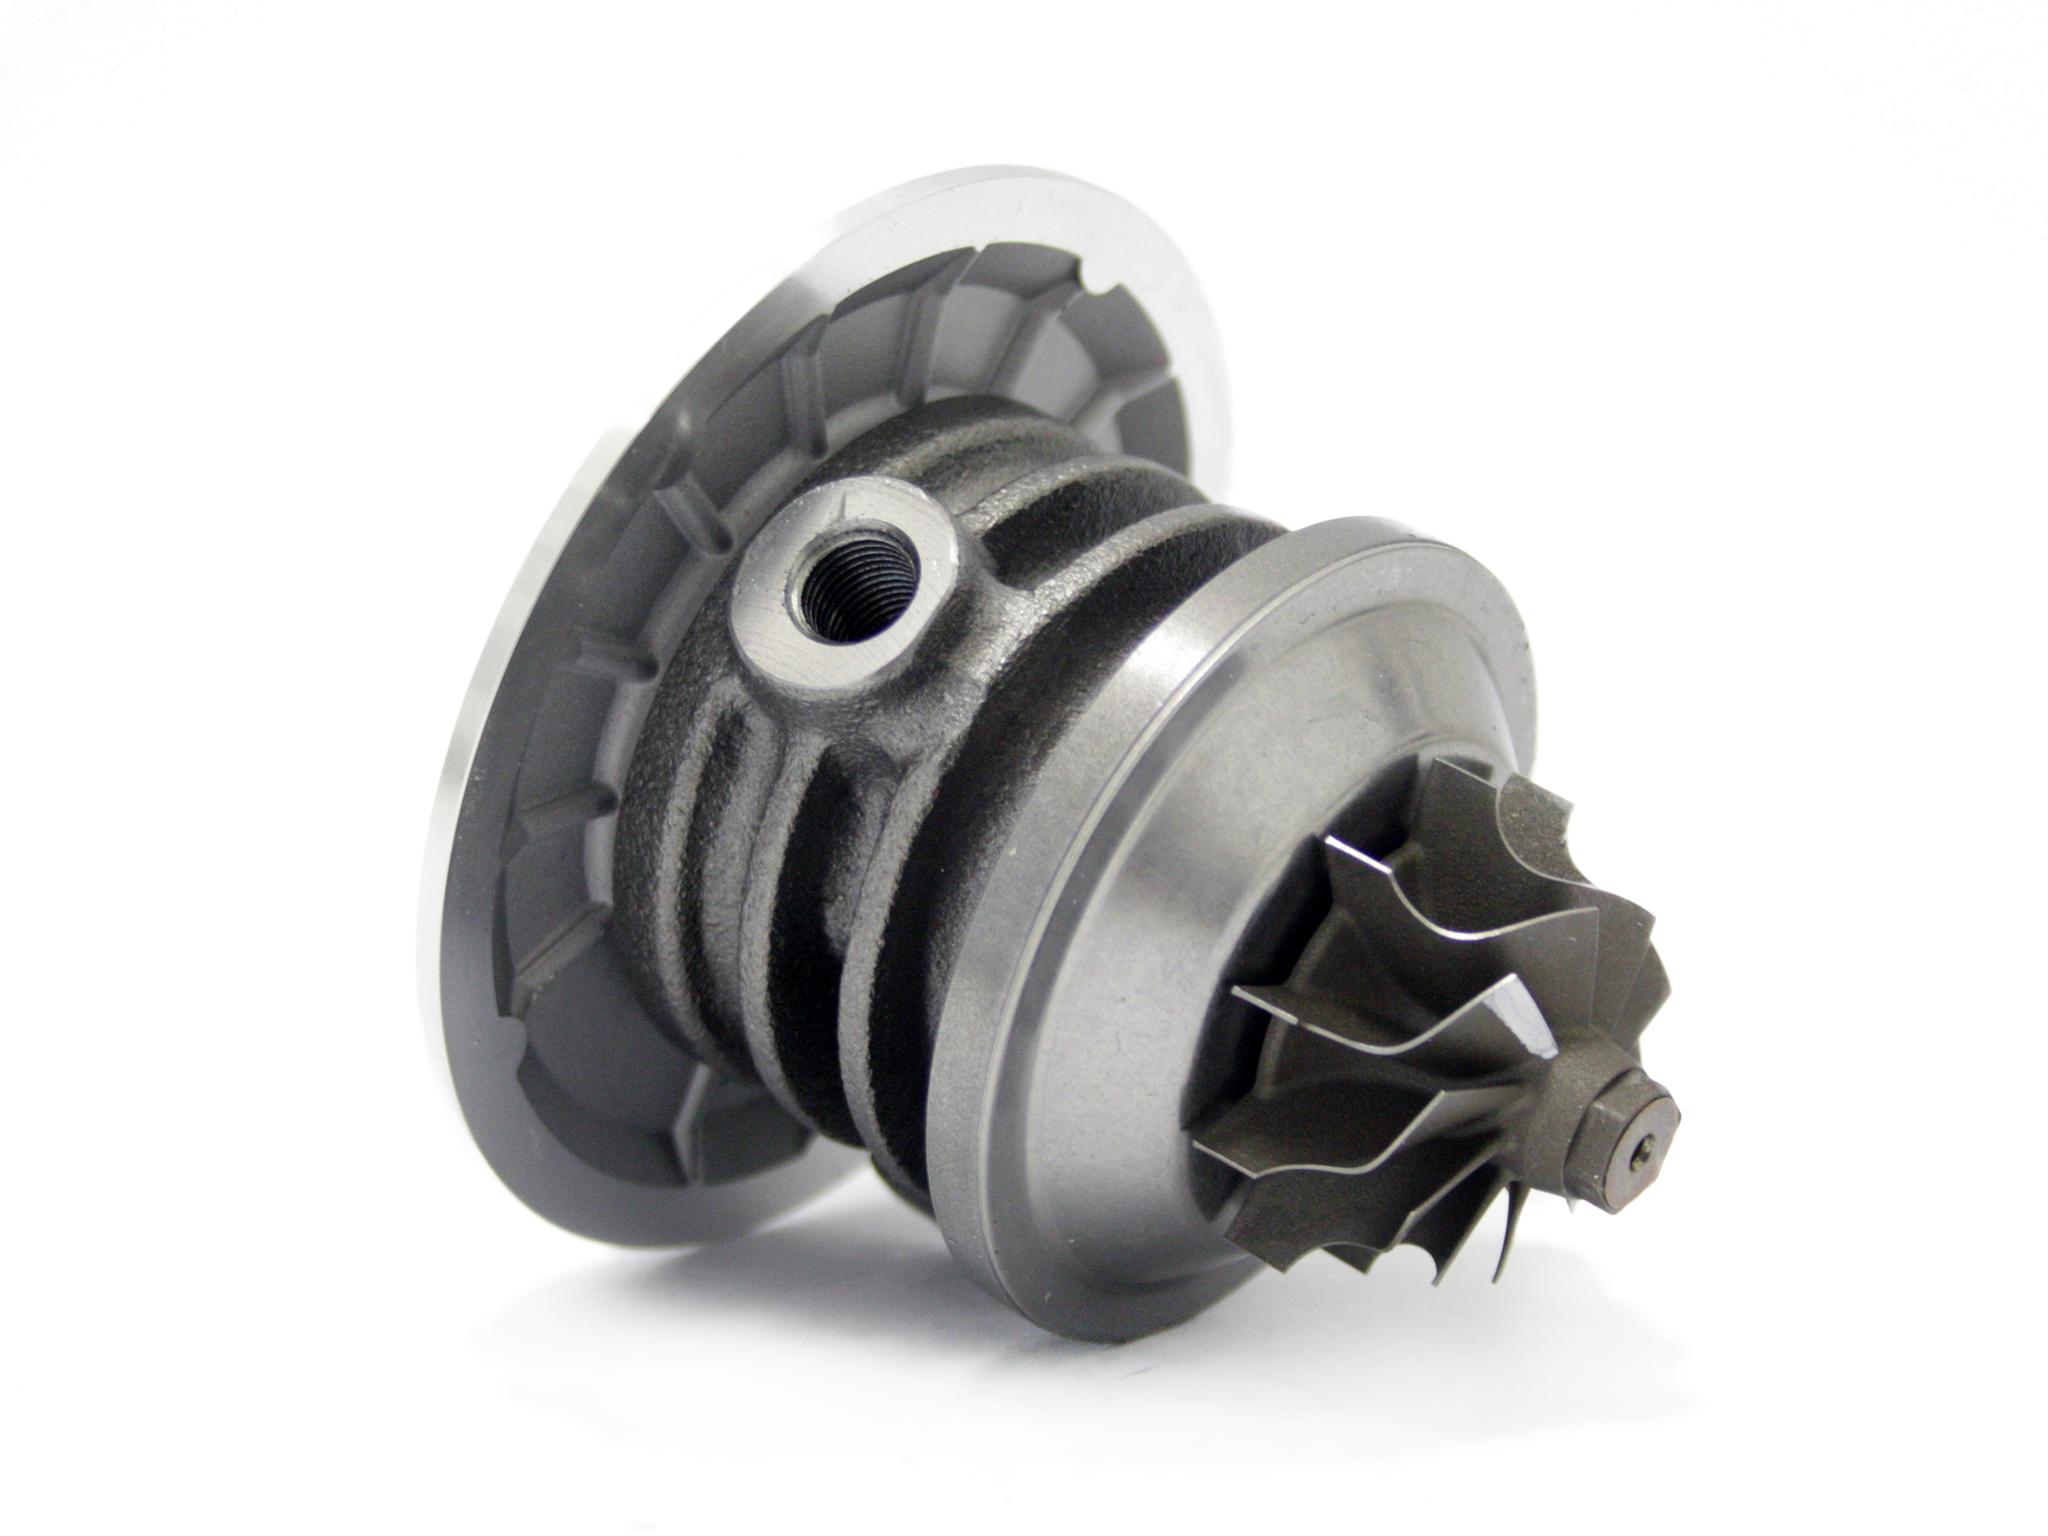 Картридж турбины GT1544 Опель Астра G 1.7 X17DTL 68 л.с.